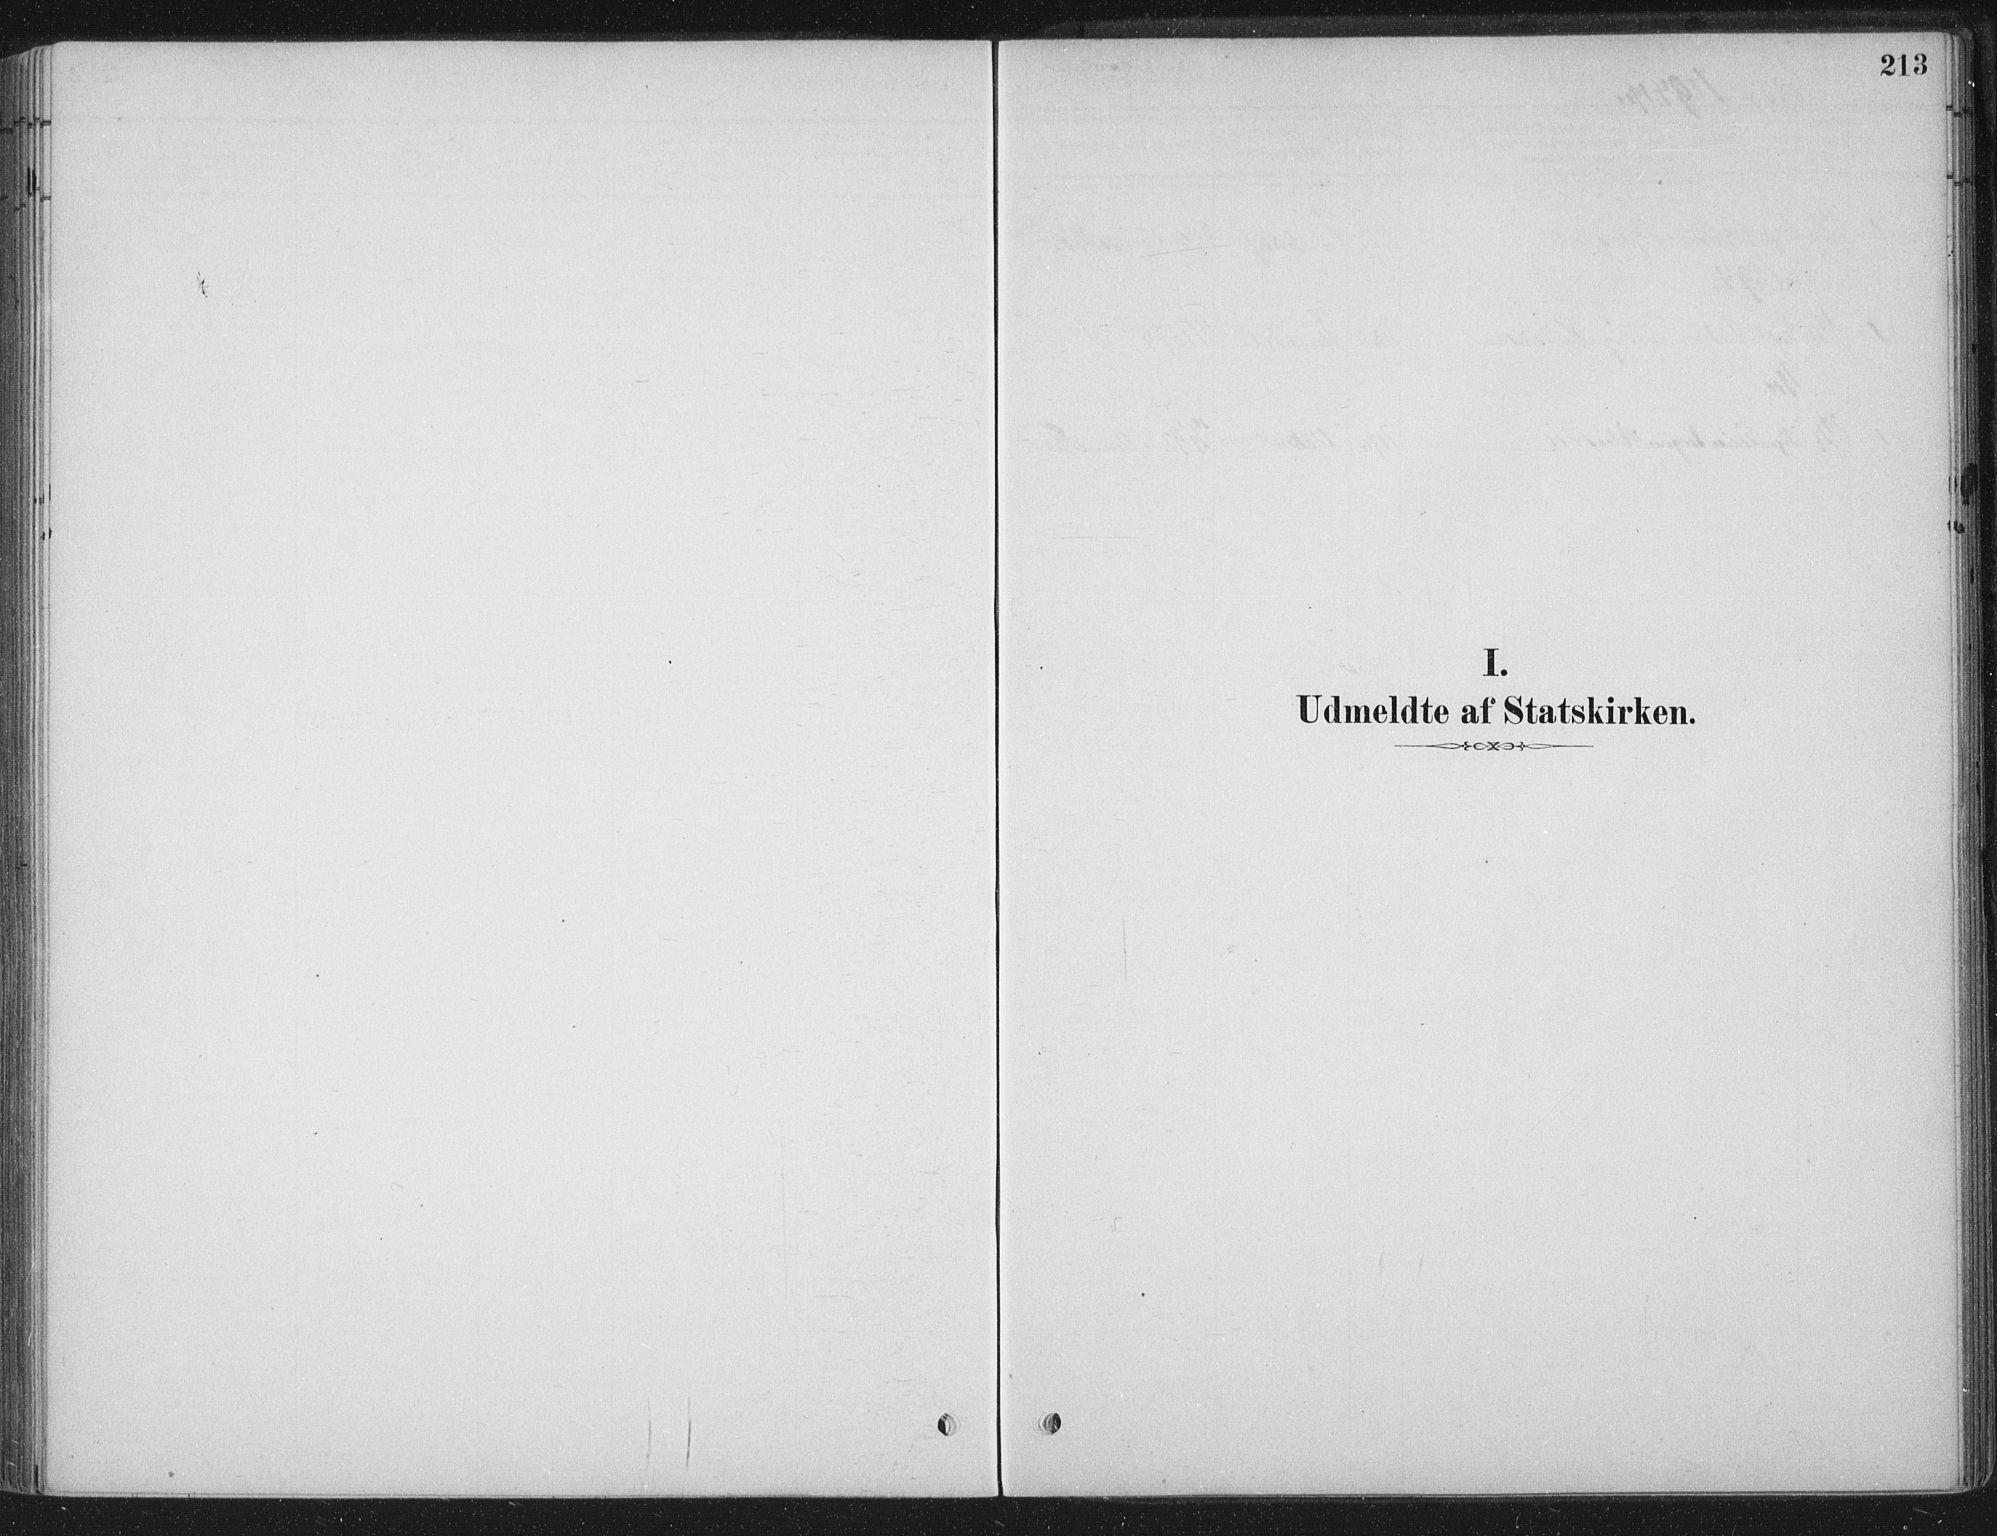 SAT, Ministerialprotokoller, klokkerbøker og fødselsregistre - Sør-Trøndelag, 662/L0755: Ministerialbok nr. 662A01, 1879-1905, s. 213